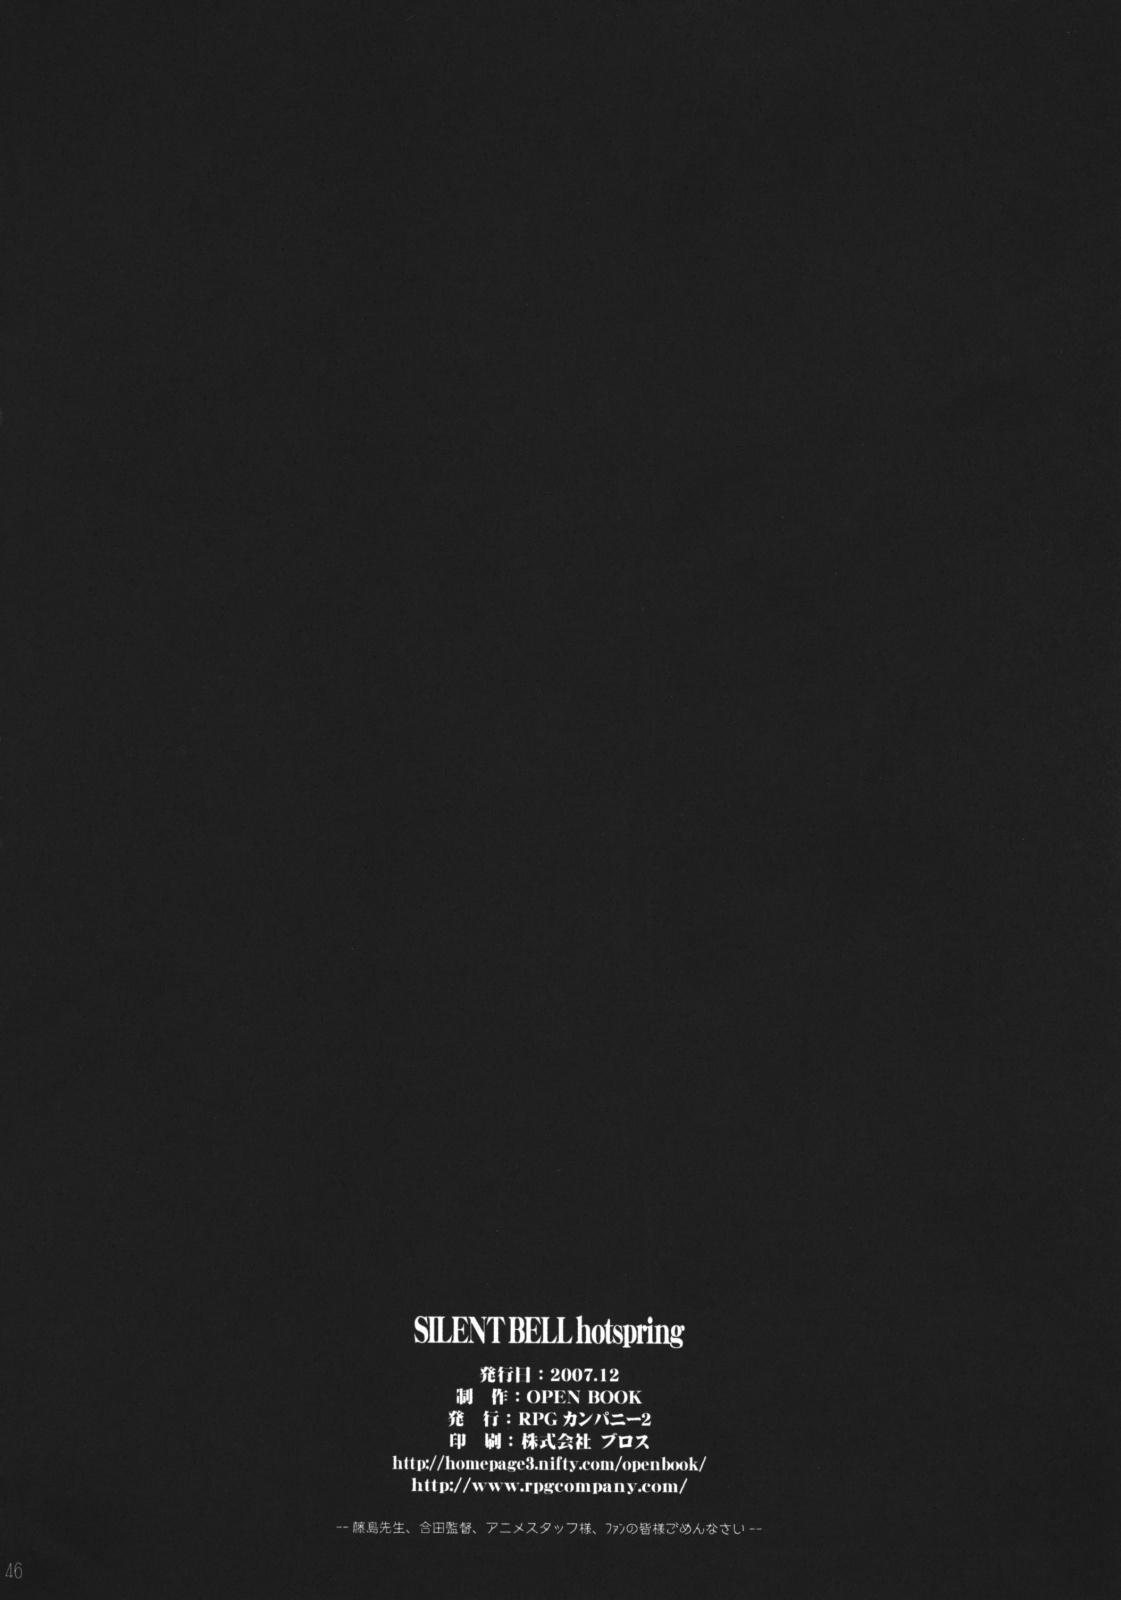 SILENT BELL hotspring 44